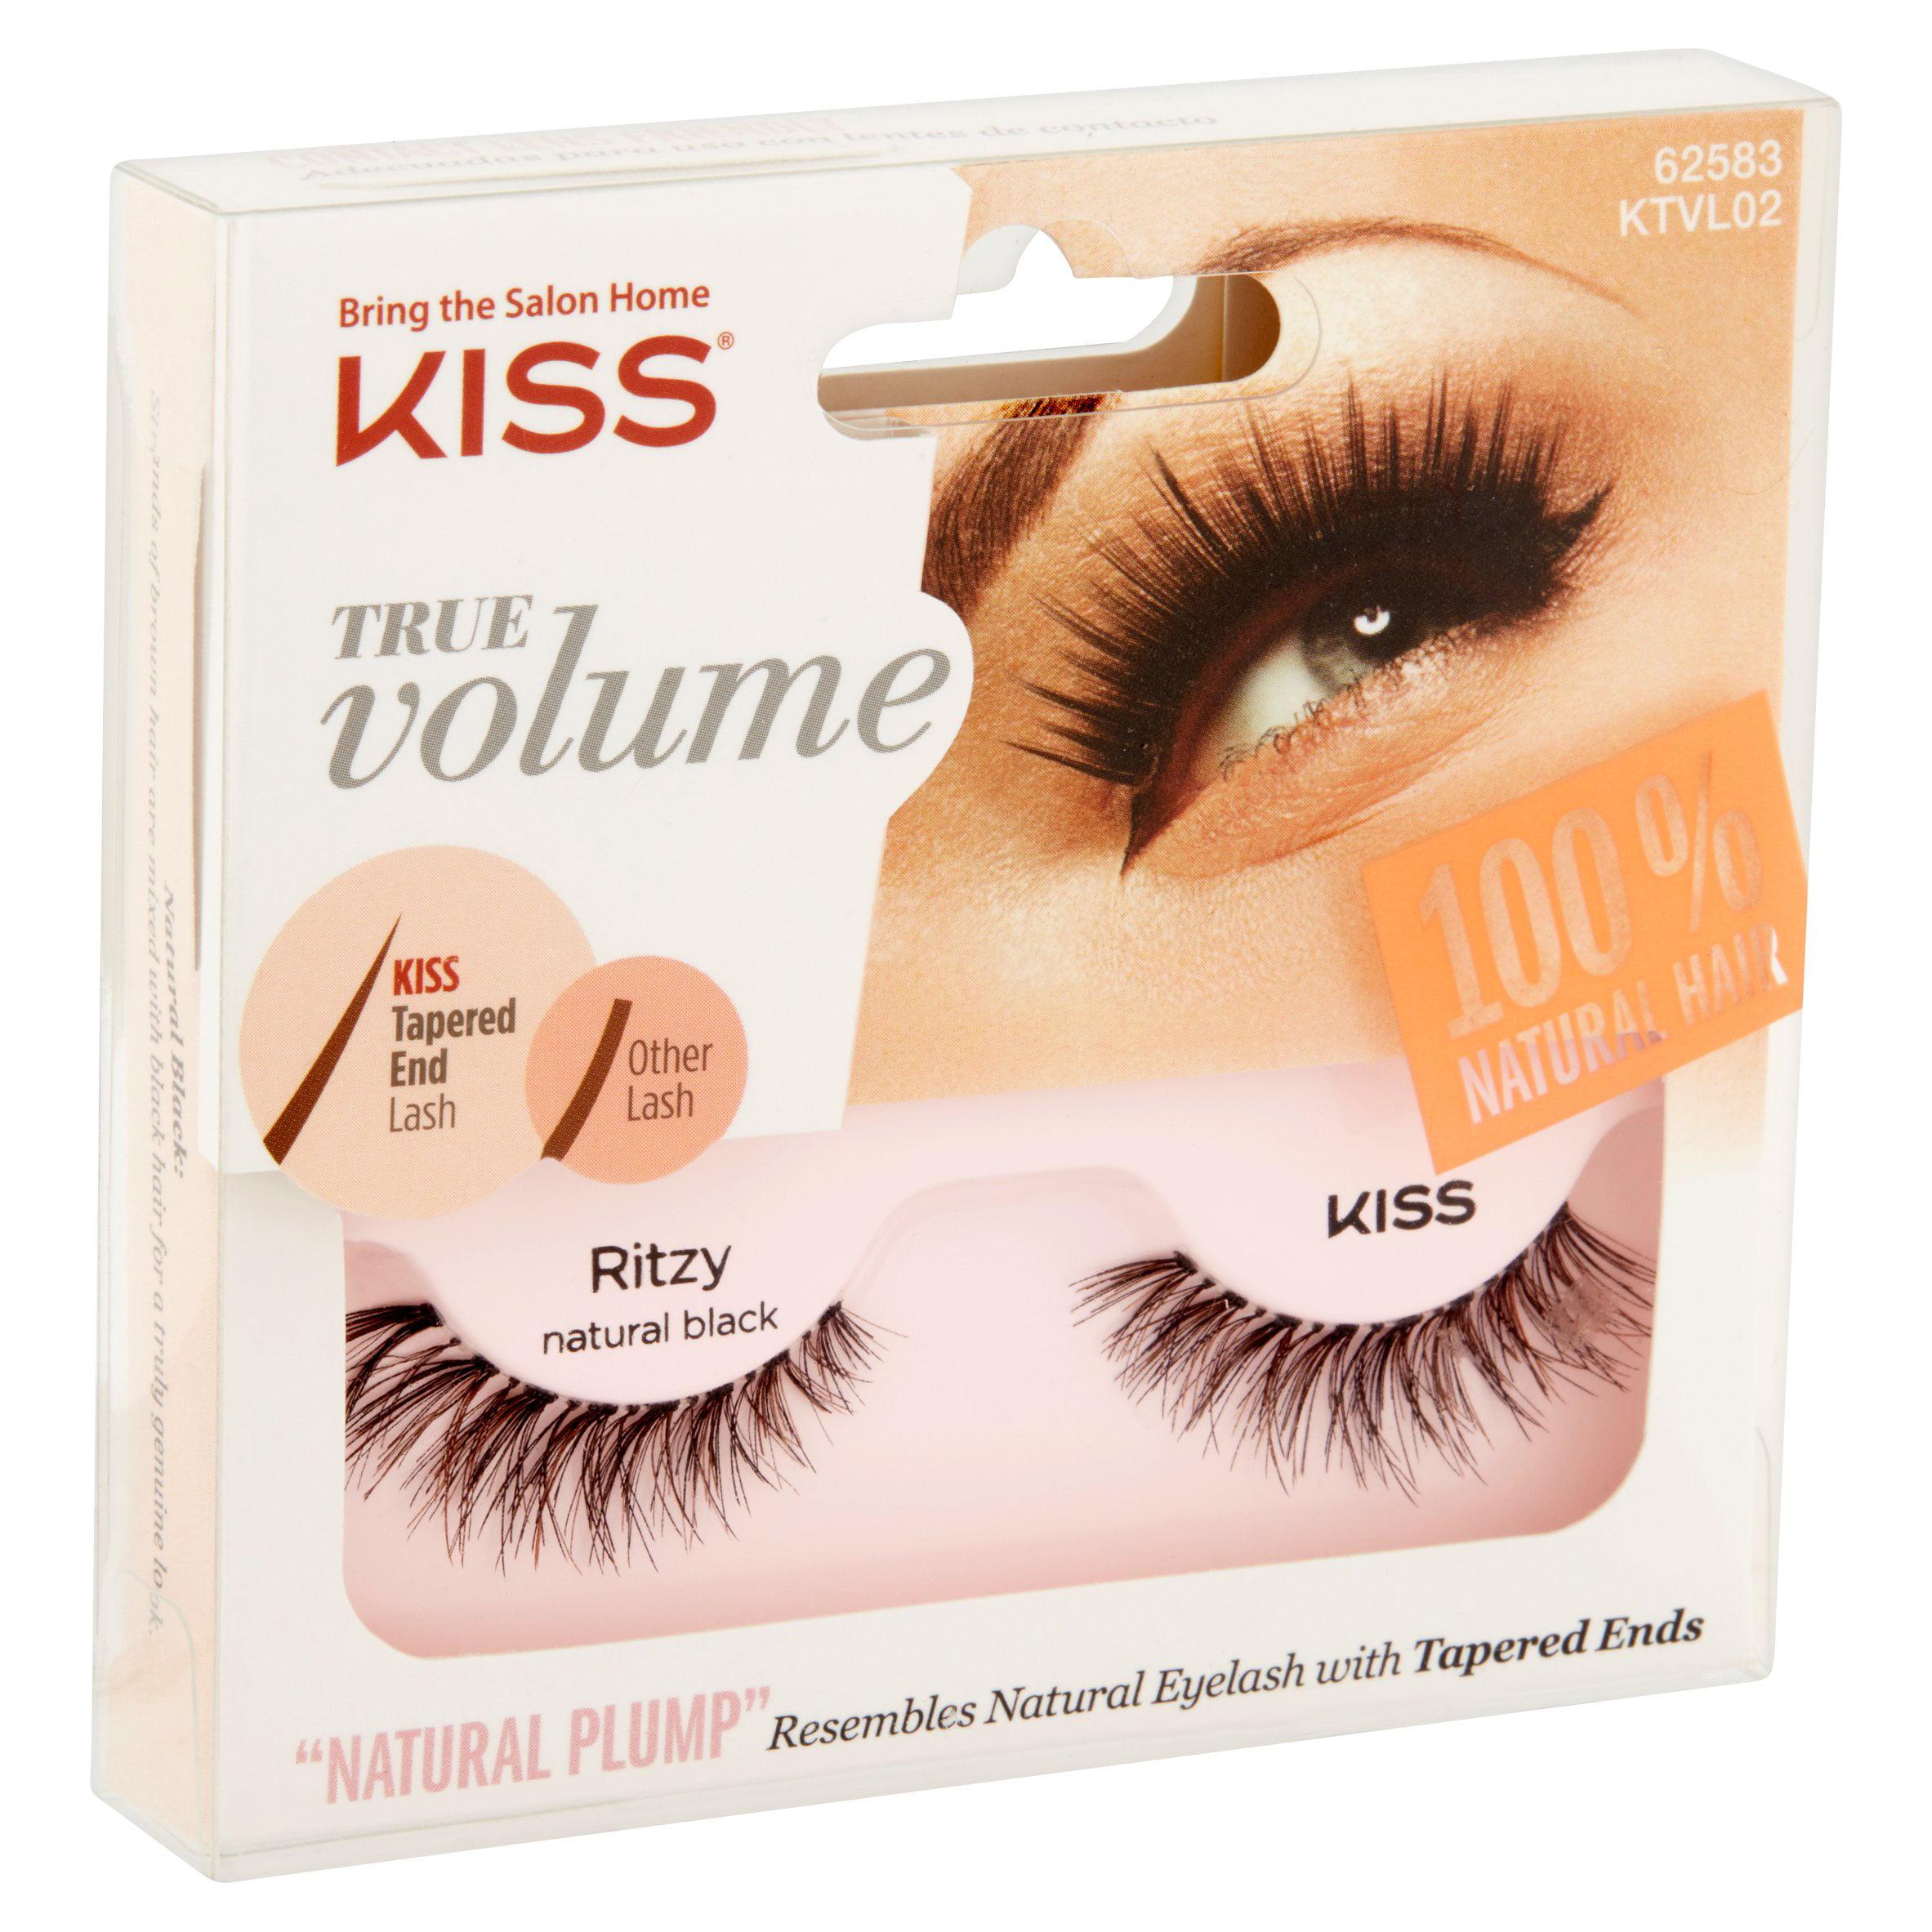 Kiss True Volume Lash Ritzy Walmart